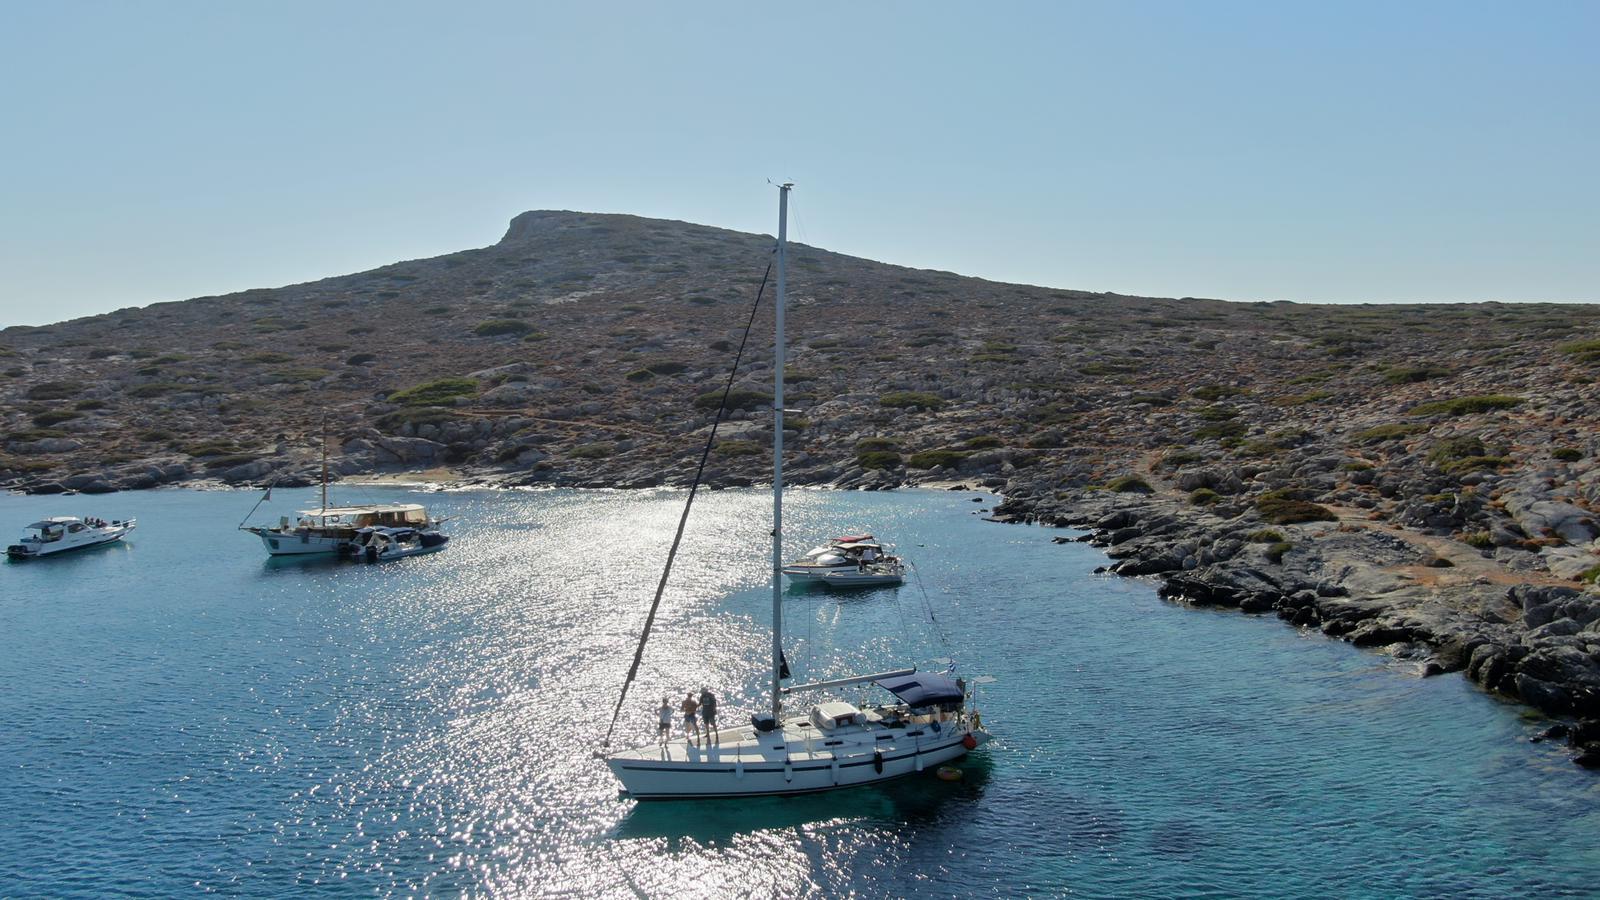 Boat in Dia Island of Crete